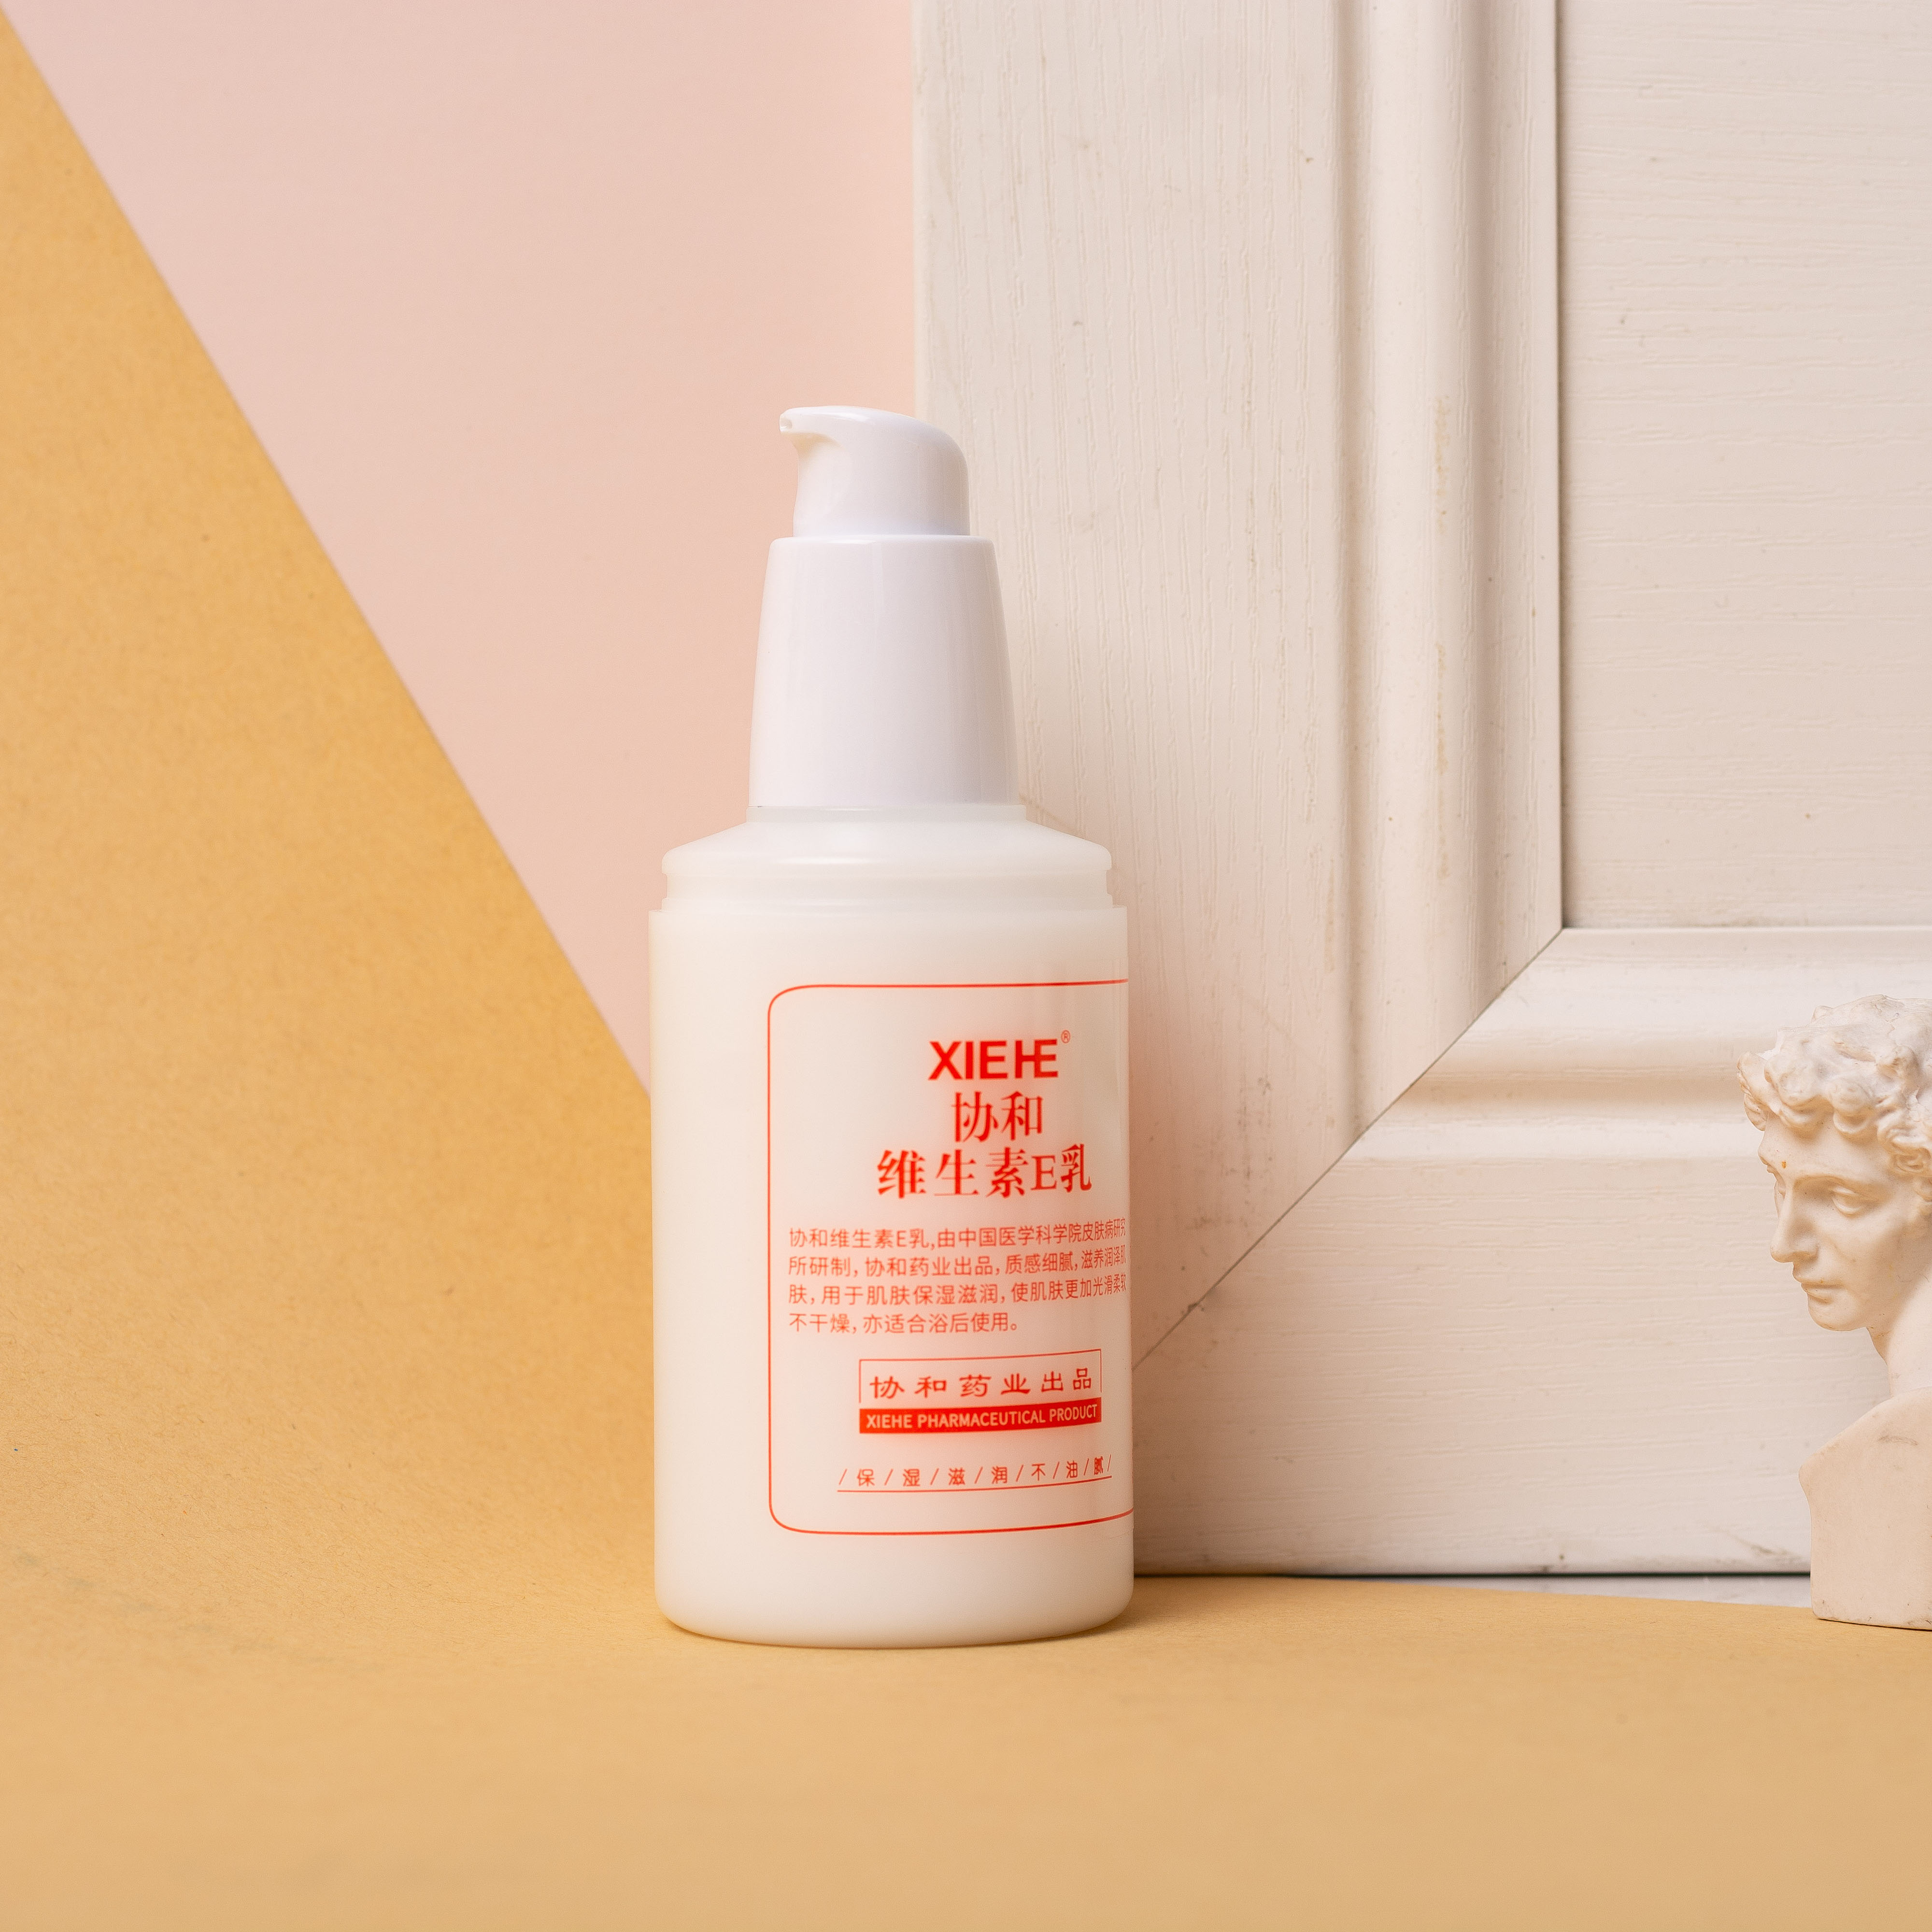 「协和维E乳小白瓶」国货之光 人气单品 协和维生素E乳液多重保湿 全身可用 商品图1